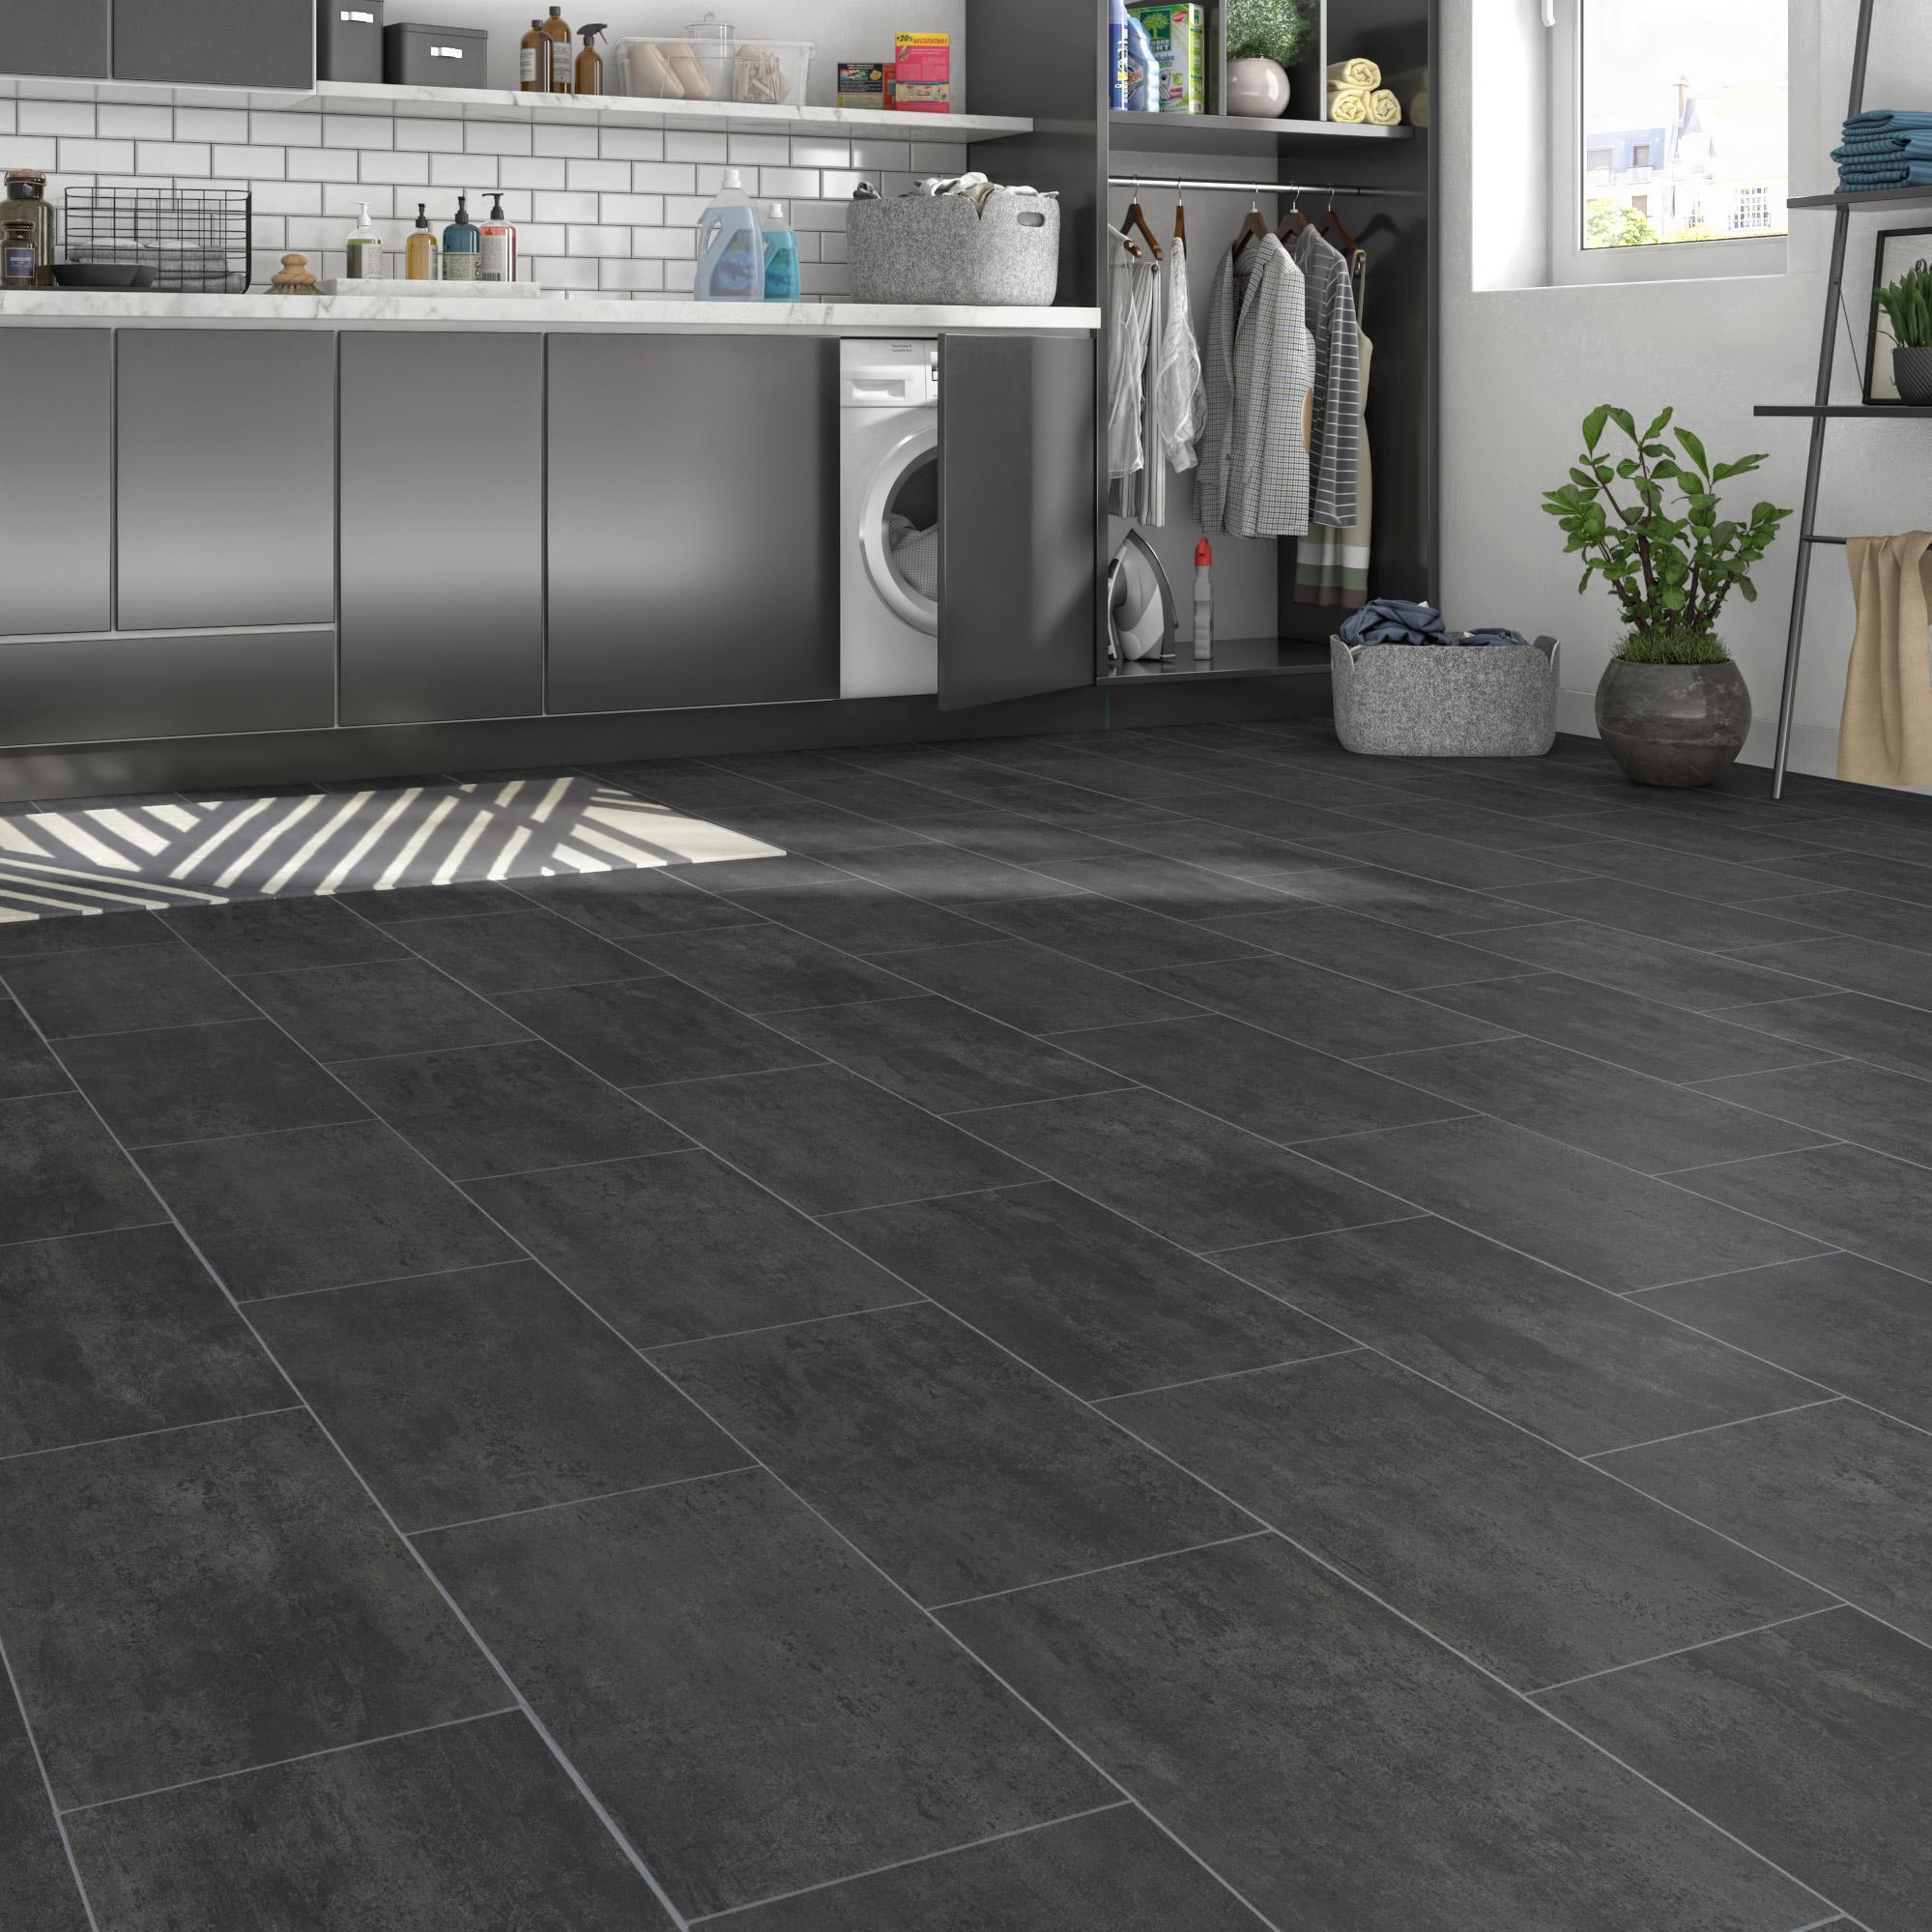 Sol PVC black melbourne l.2 m